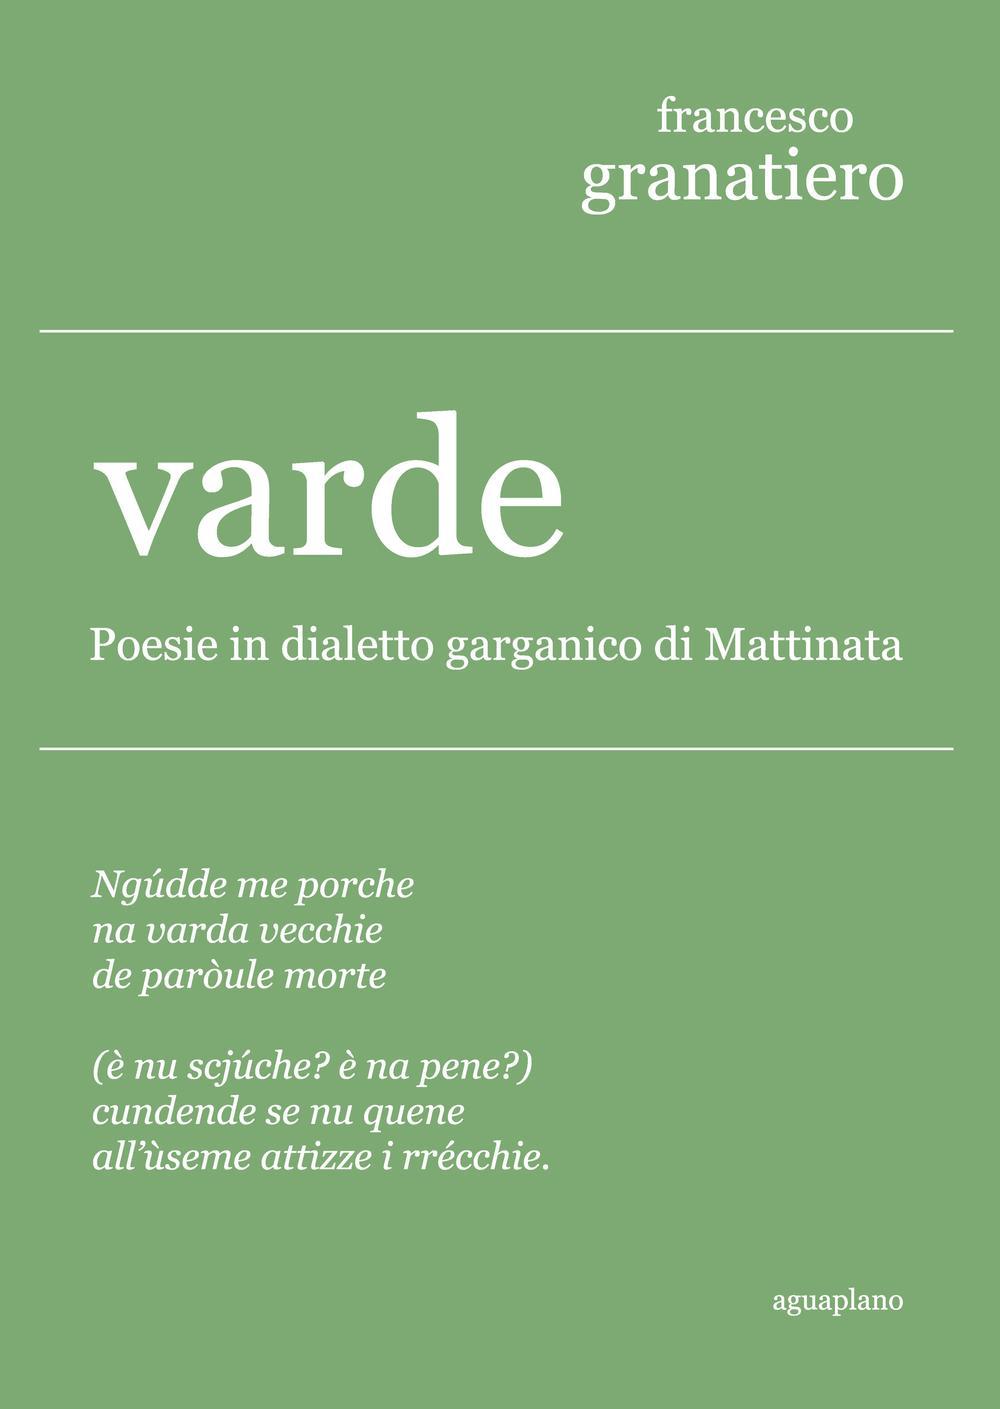 Varde. Poesie in dialetto garganico di Mattinata